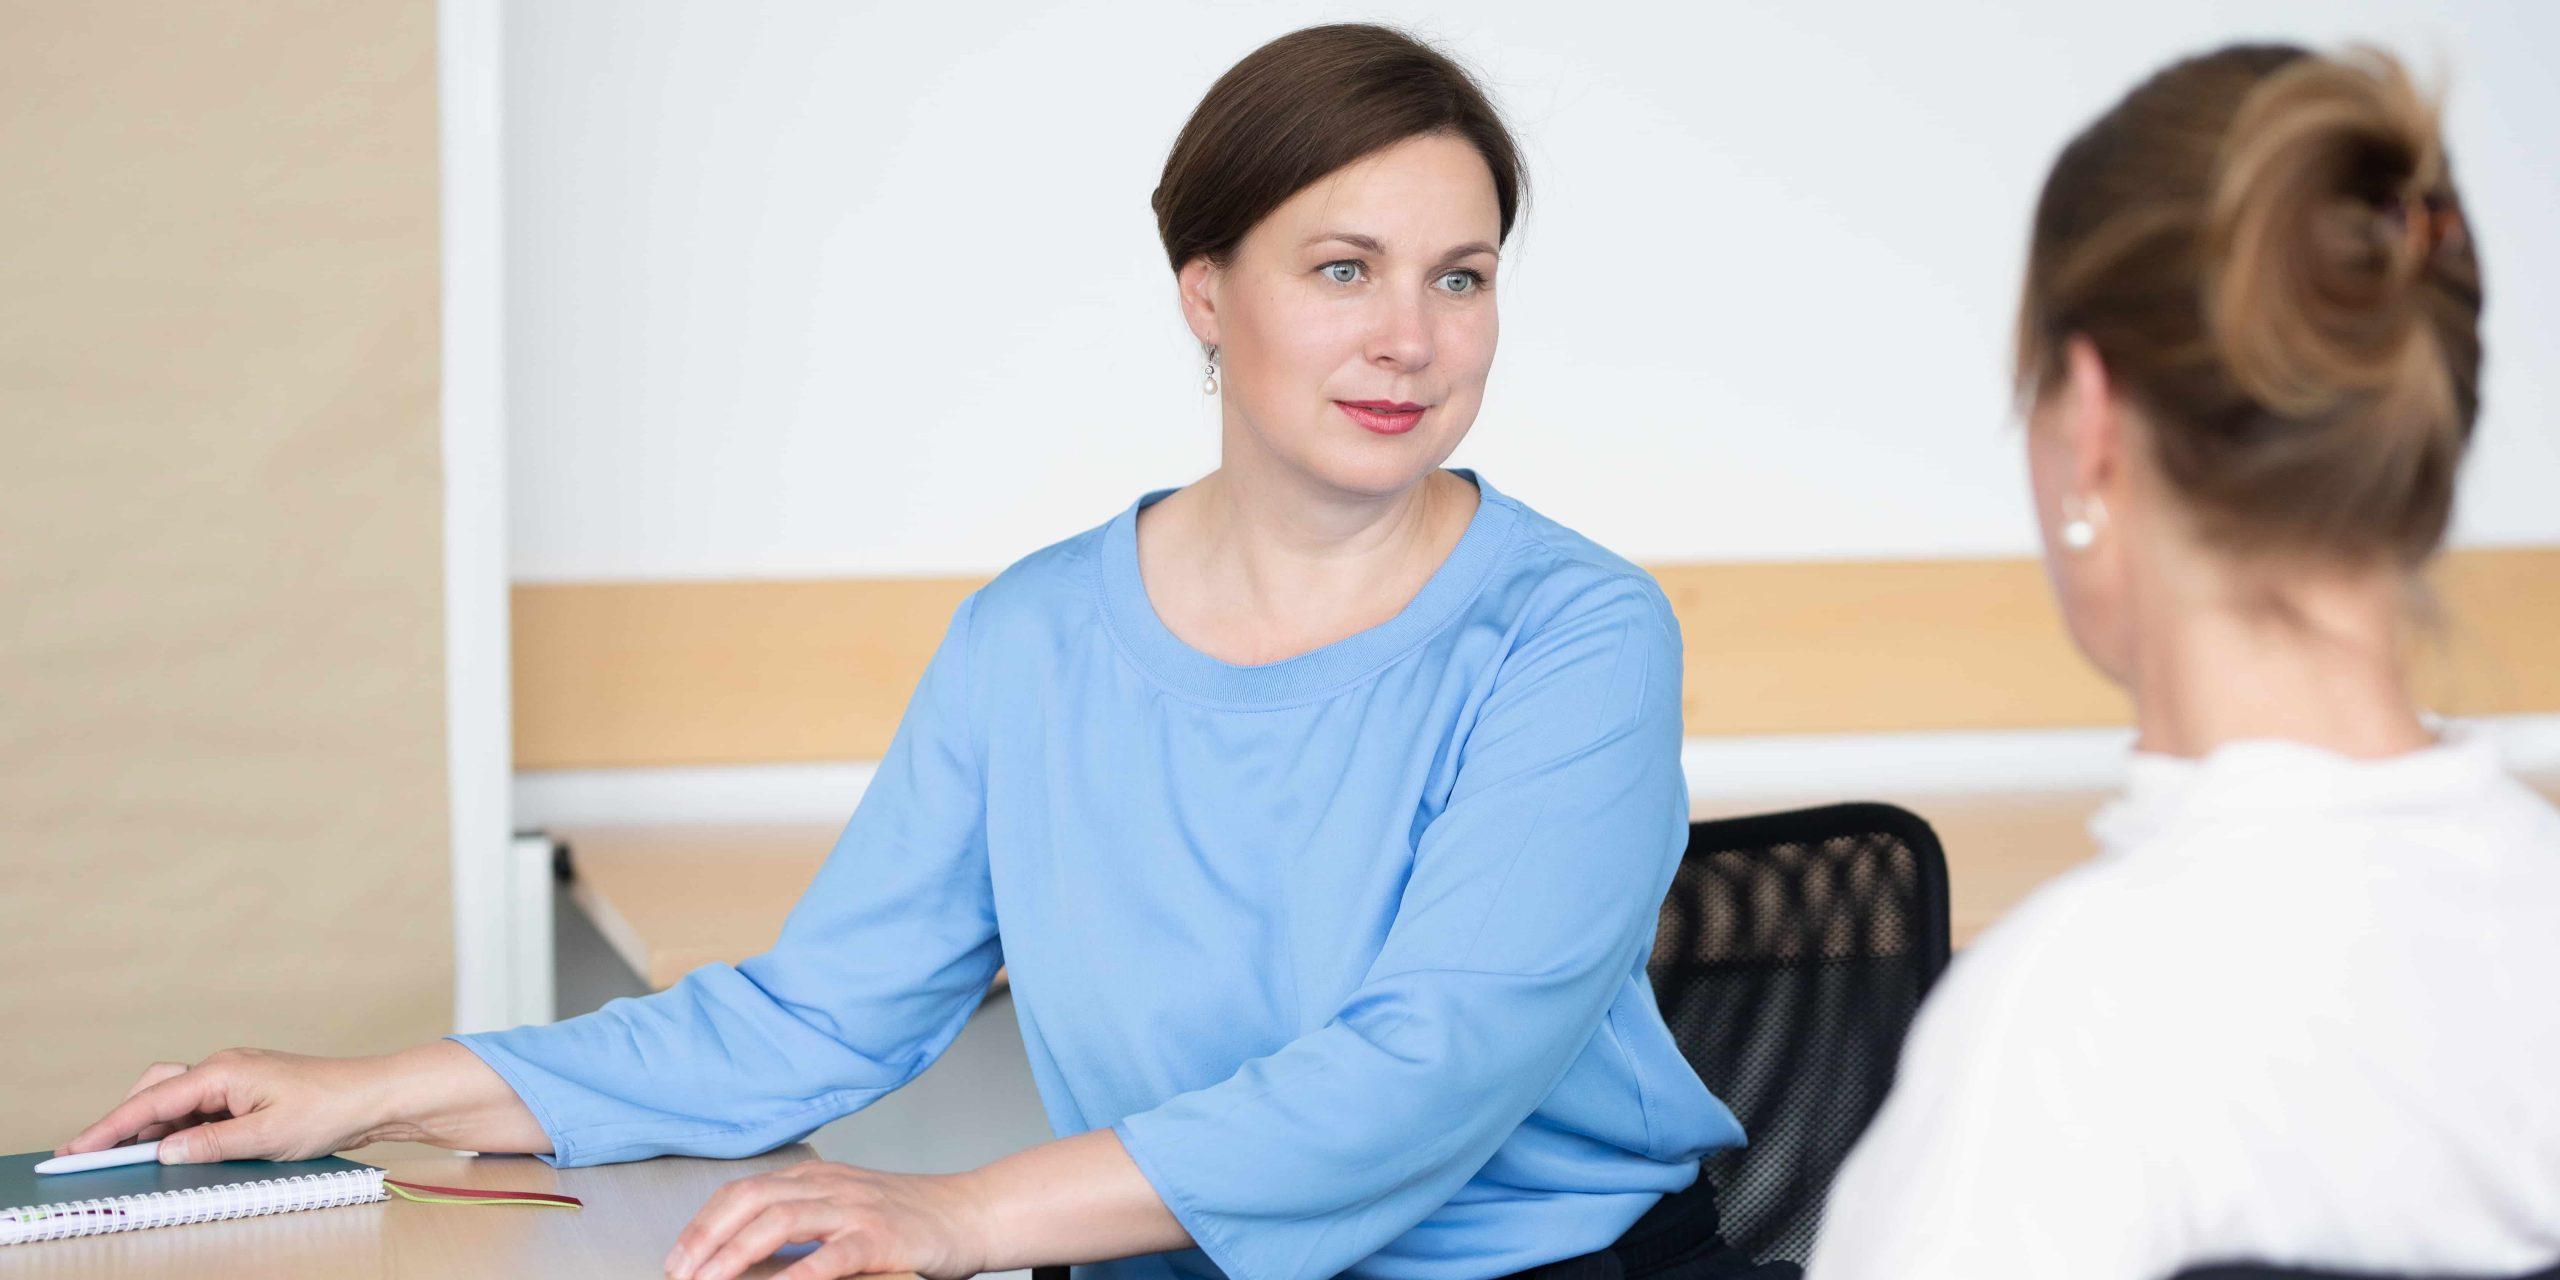 Anja-Henke-Barz-Experting-Psychische Gefährdungsbeurteilung-Dresden